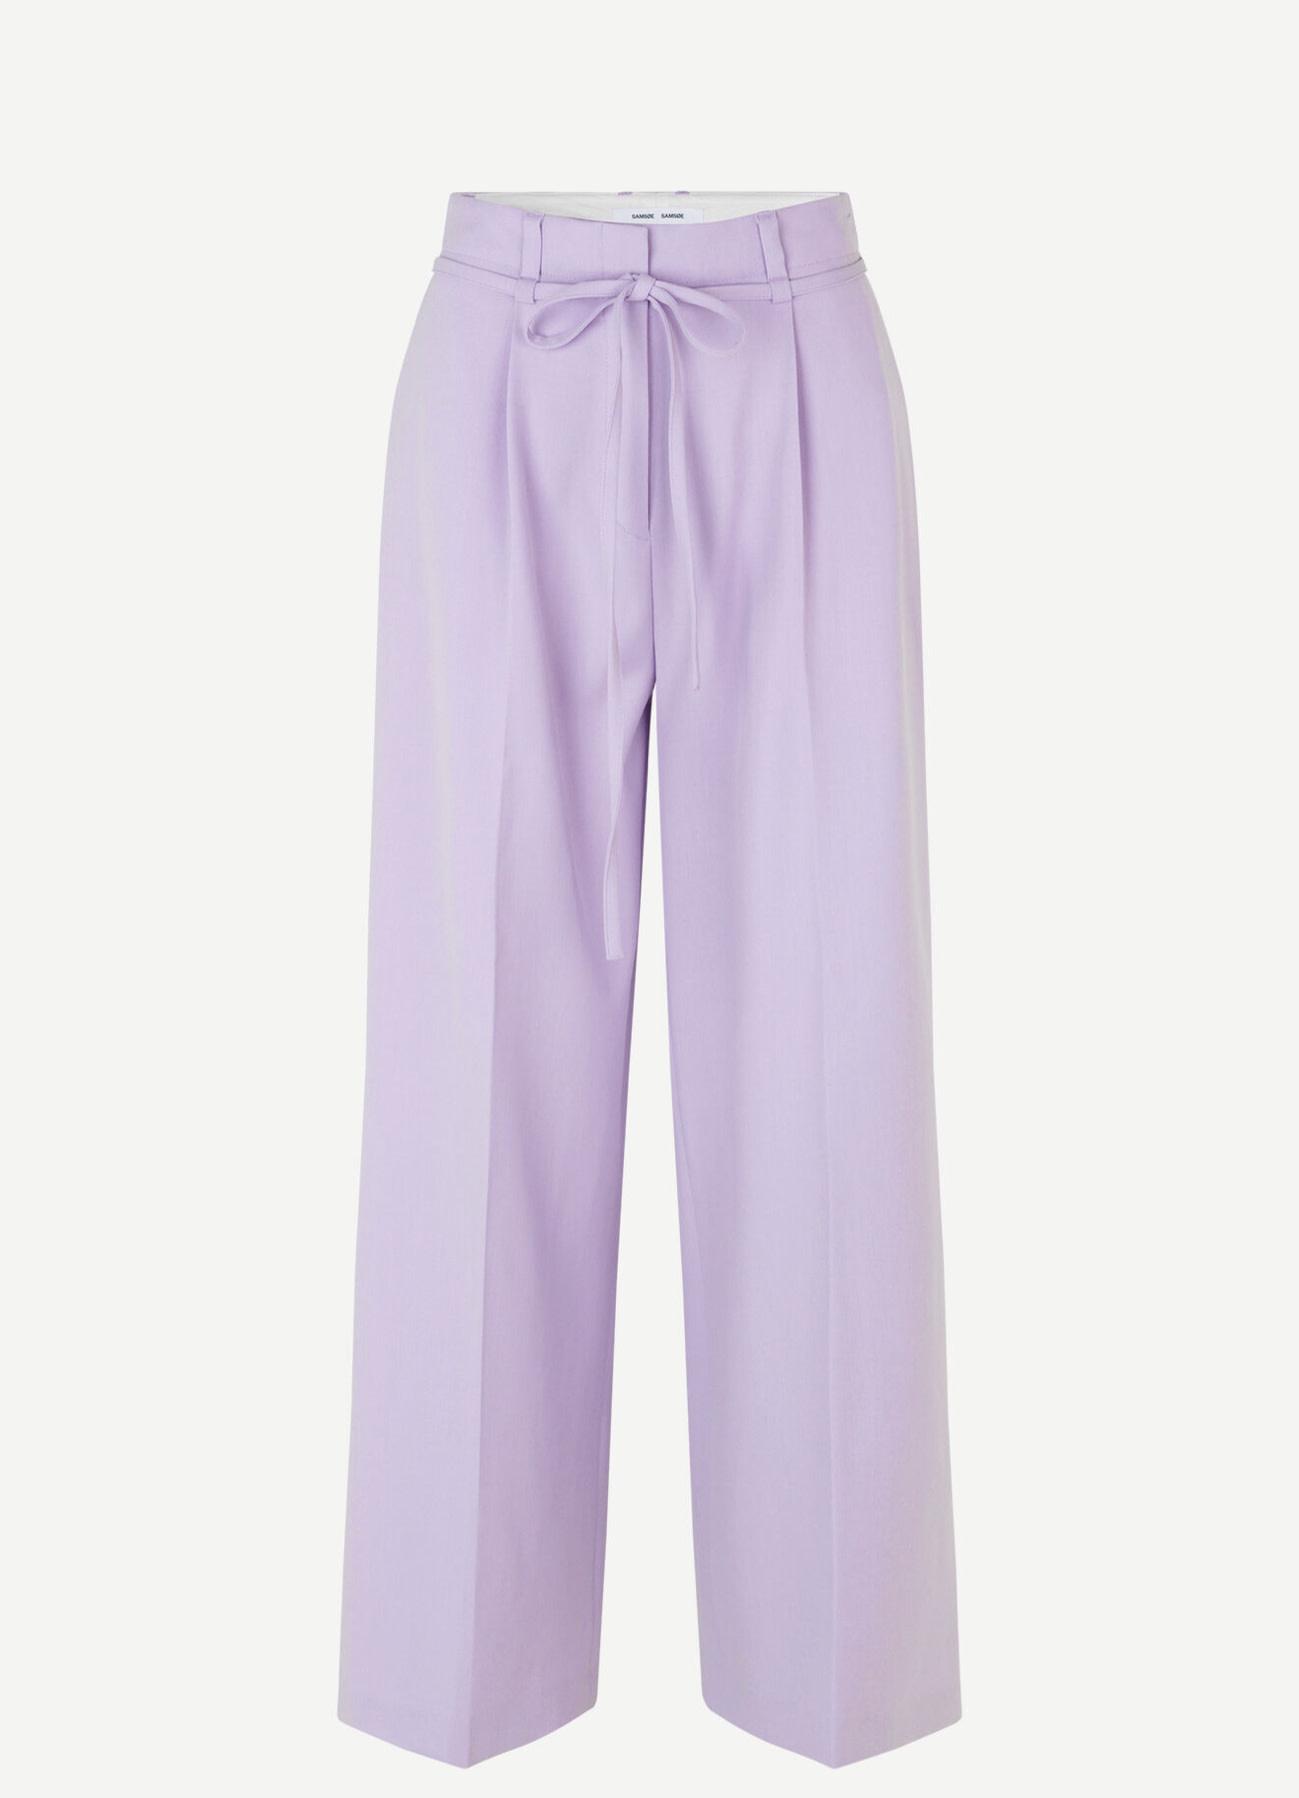 Haven trousers Samsoe Samsoe-2